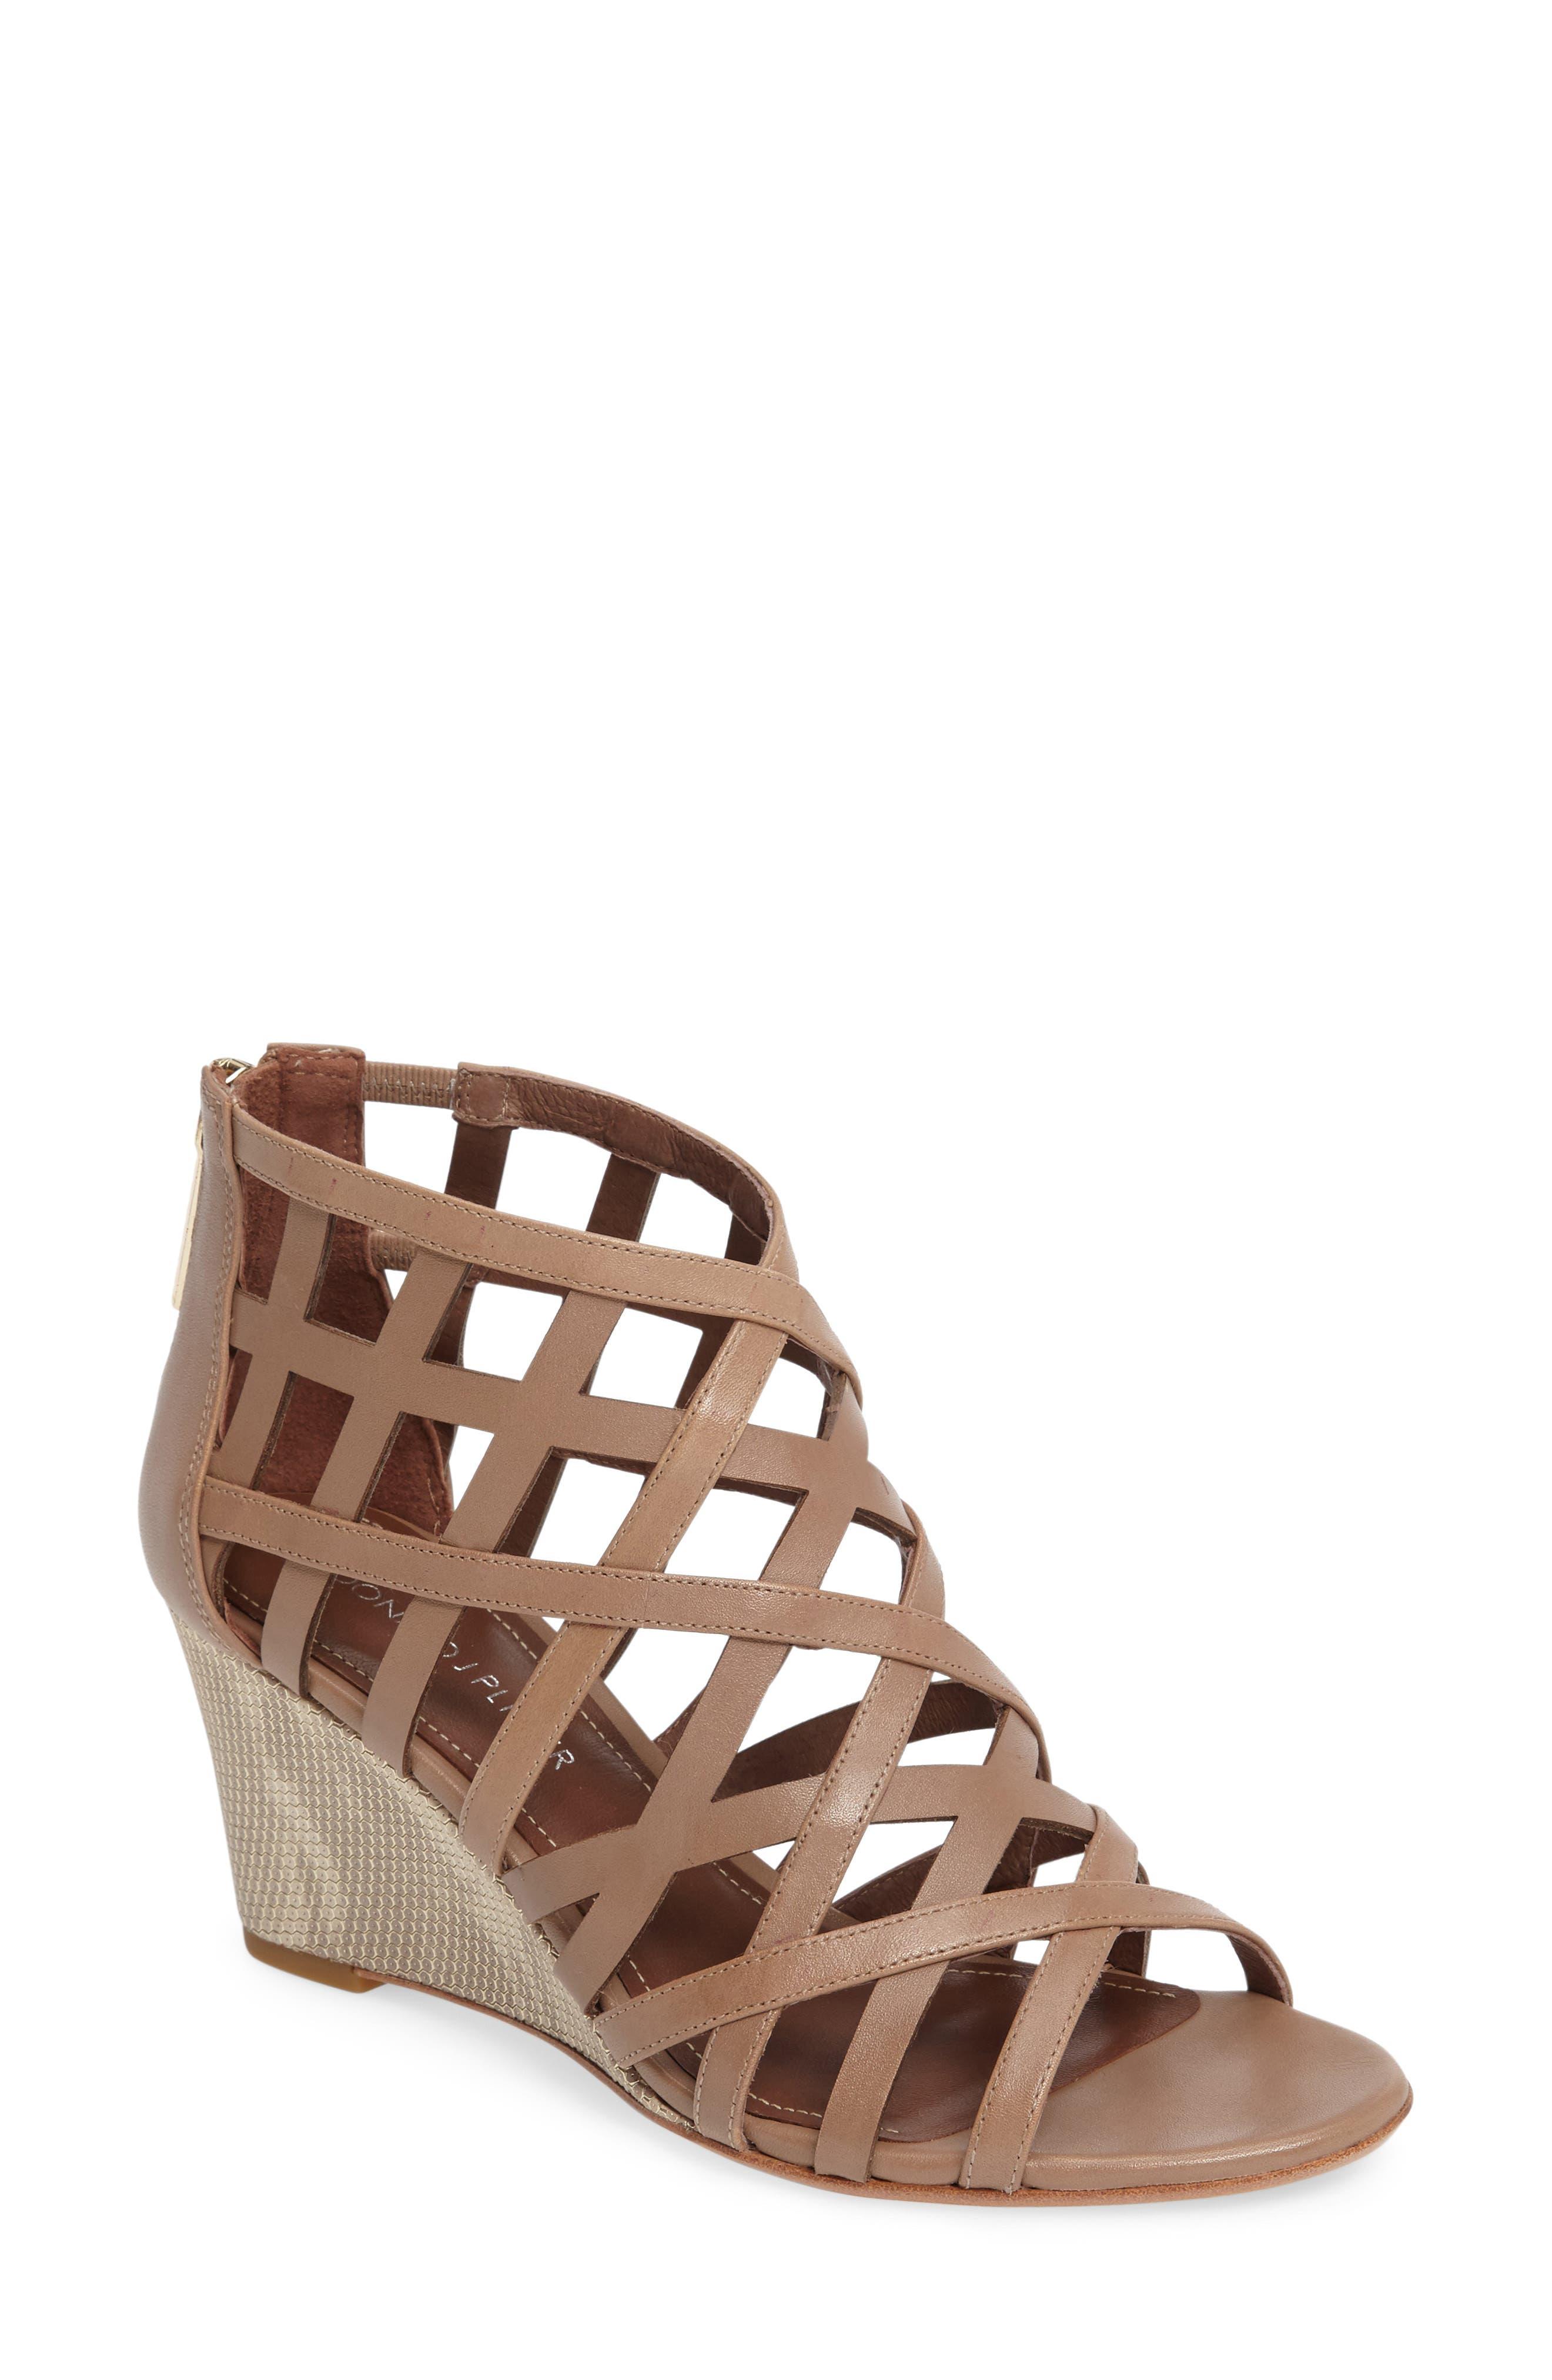 Main Image - Donald J Pliner Jordan Wedge Sandal (Women)